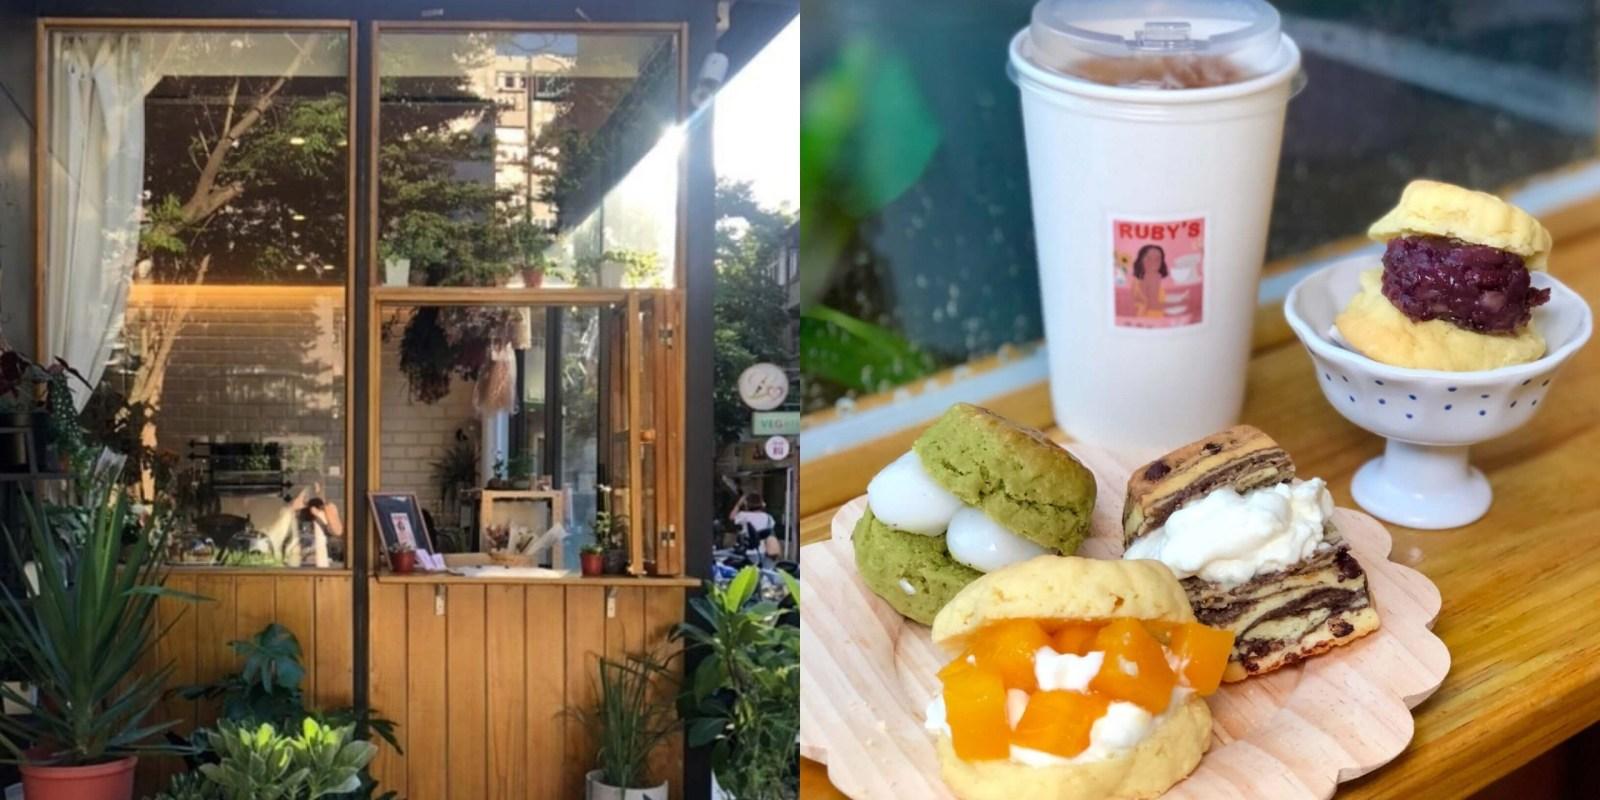 【台北美食】Ruby's 新開幕!司康結合花卉的複合式小櫥窗,目前以外帶為主